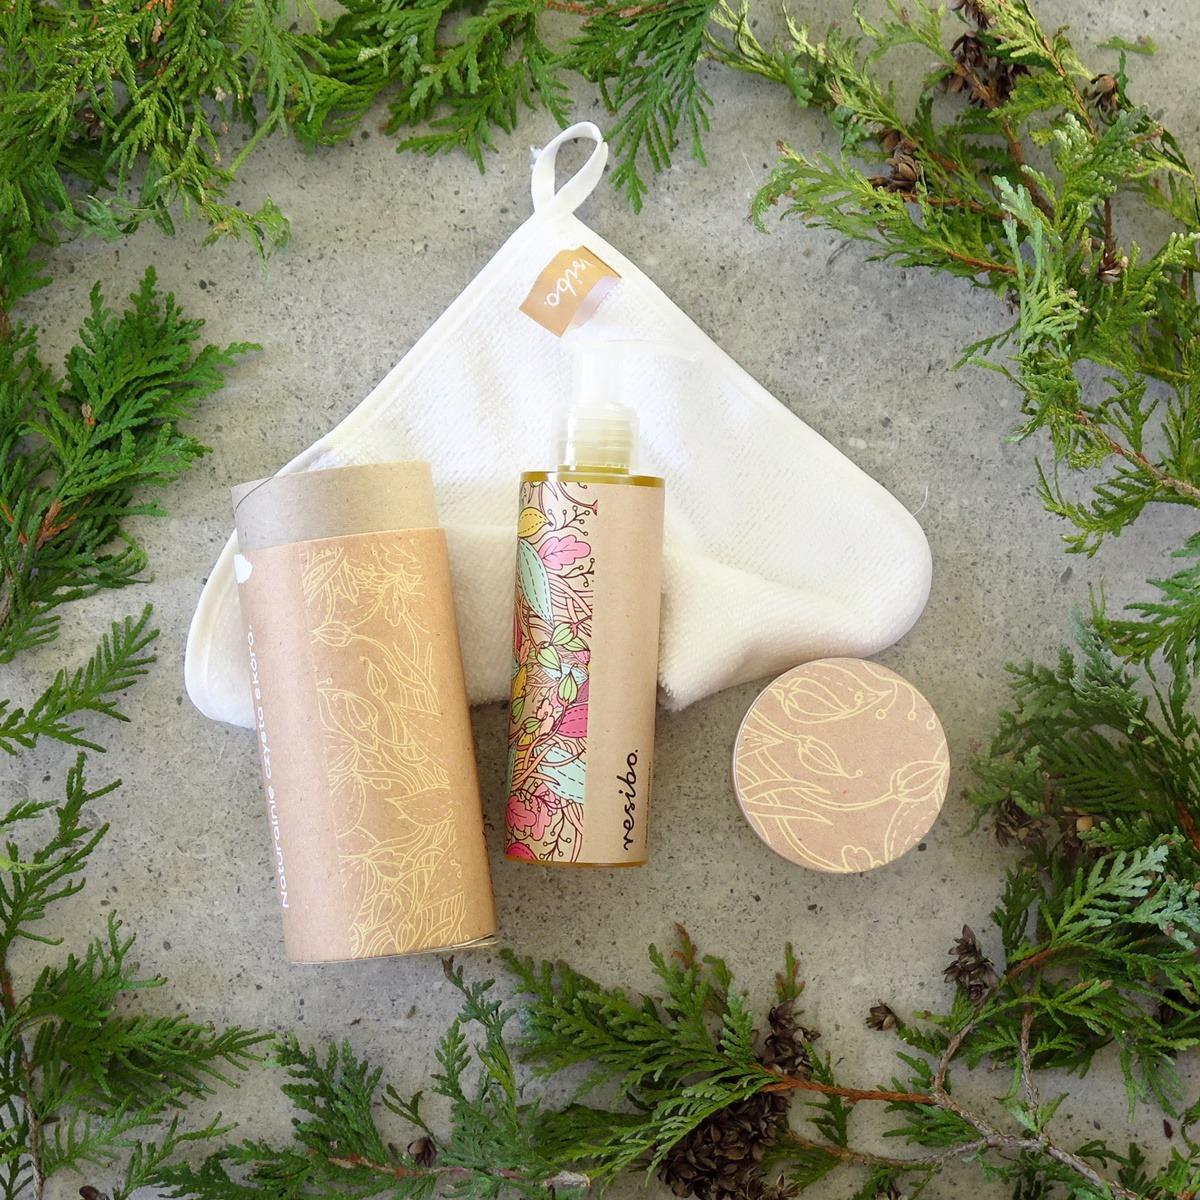 resibo olejek do demakijazu olejowe oczyszczanie twarzy ściereczka z mikrofibry